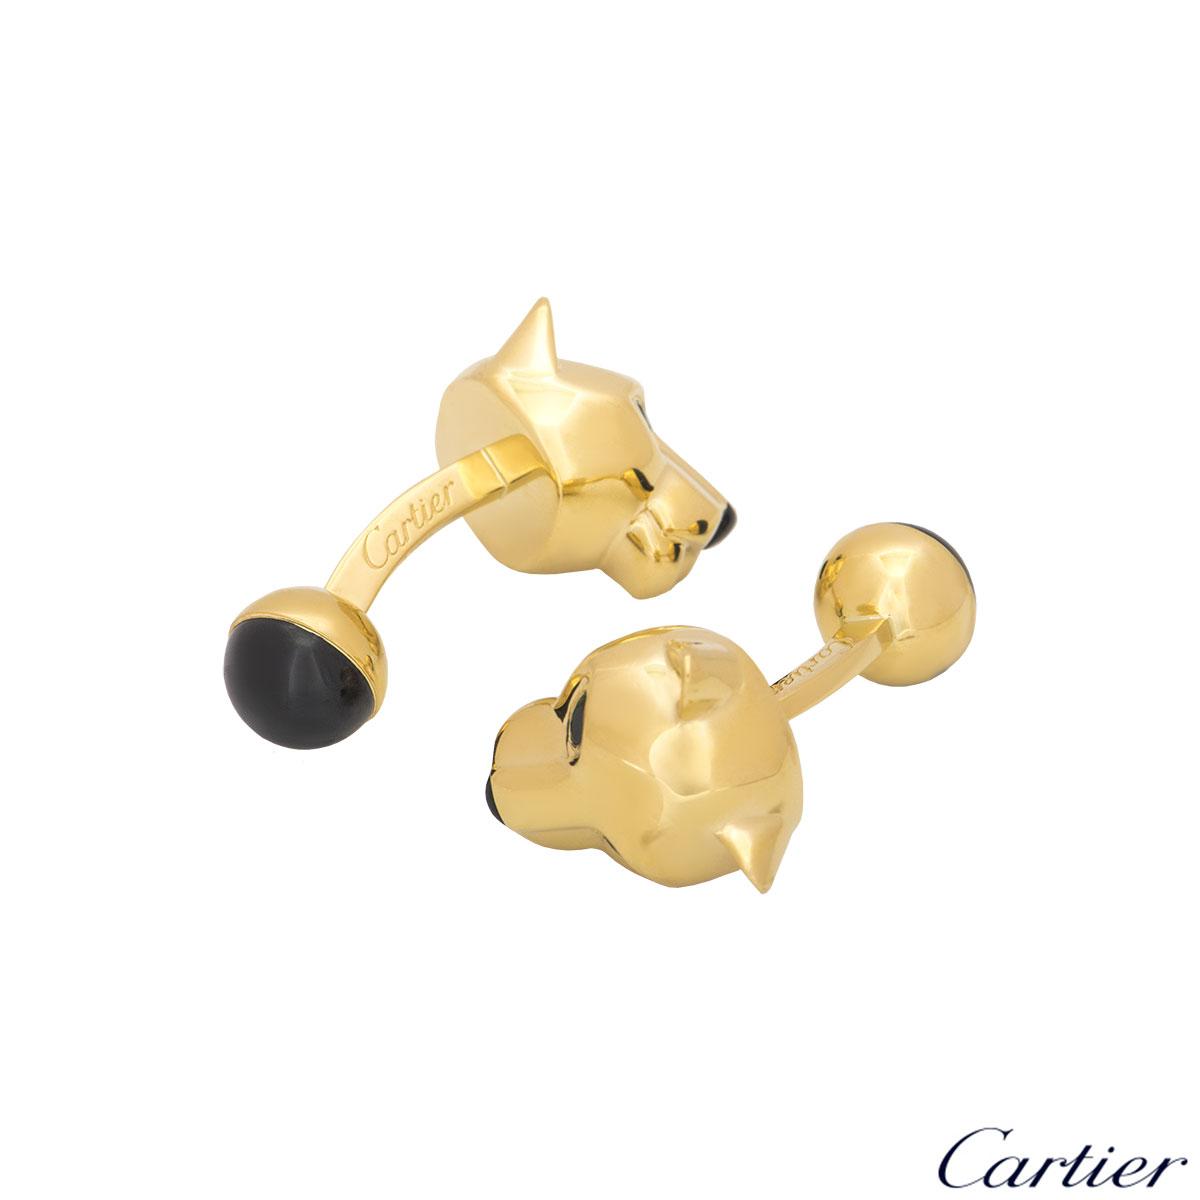 Cartier Yellow Gold Panthere De Cartier Cufflinks T1220747